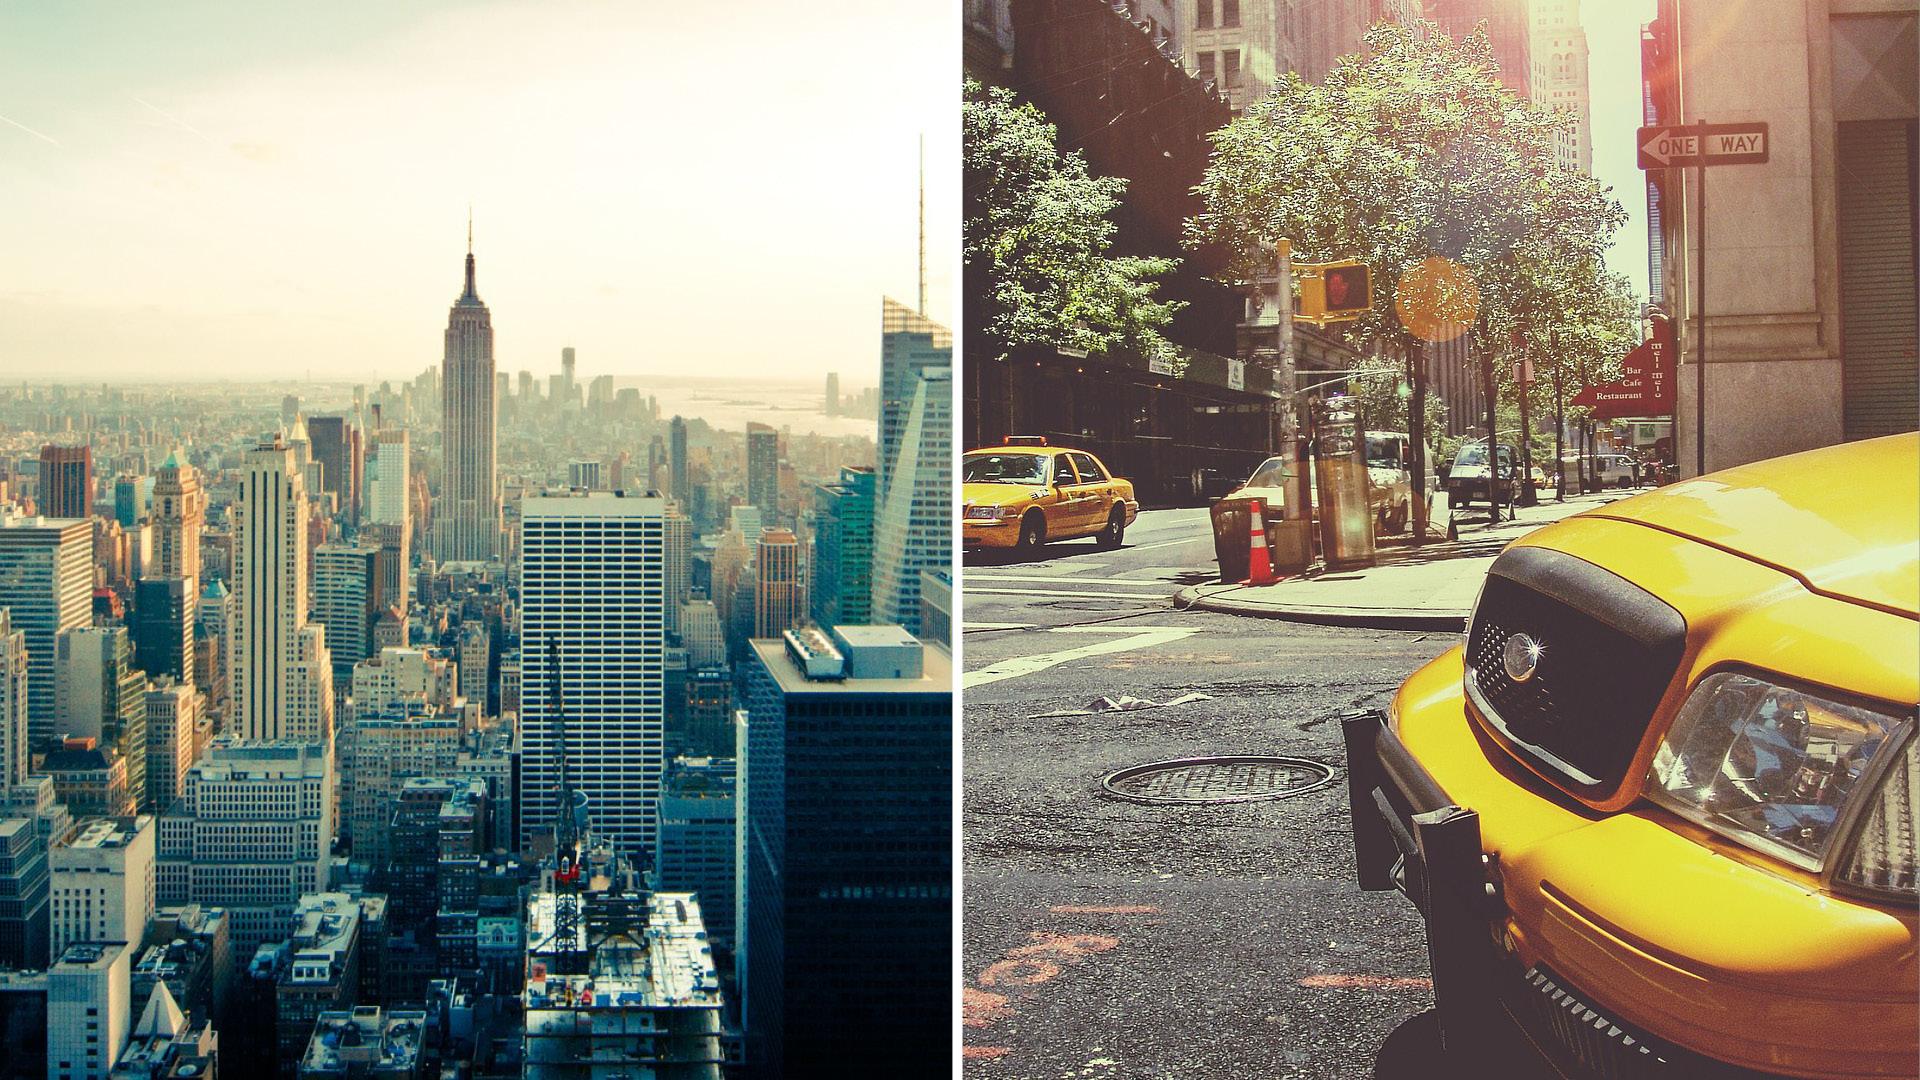 DAG 5 - MÅNDAG - Varför inte ett besök till ett av de mest klassiska varuhusen i världen - Macy´s? Varför inte testa hop-on hop-off bussarna eller den klassiska gula taxin kanske passar dig bättre?Ett annat alternativ är att sätta väckarklockan riktigt tidigt , ta dig ut lagom till soluppgången och upplev när en av världens häftigaste städer vaknar till liv.